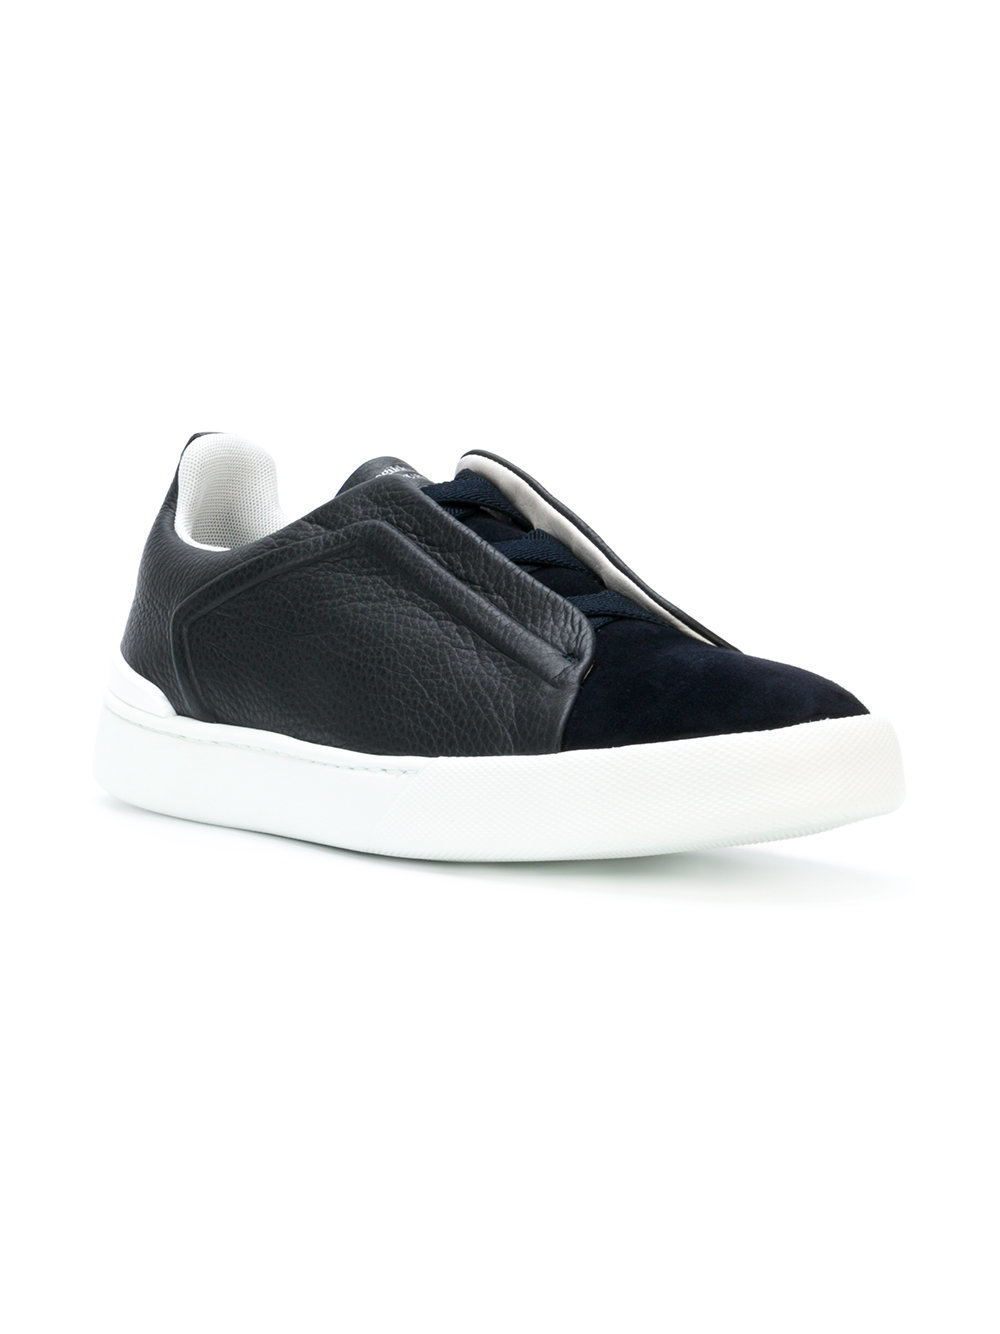 eeeffa455ee Ermenegildo Zegna zapatillas slipon con diseño tejido Negro farfetch  elnegro Cuero Adidas zapatillas Ultraboost Clima Unavailable farfetch  elnegro Cordones ...